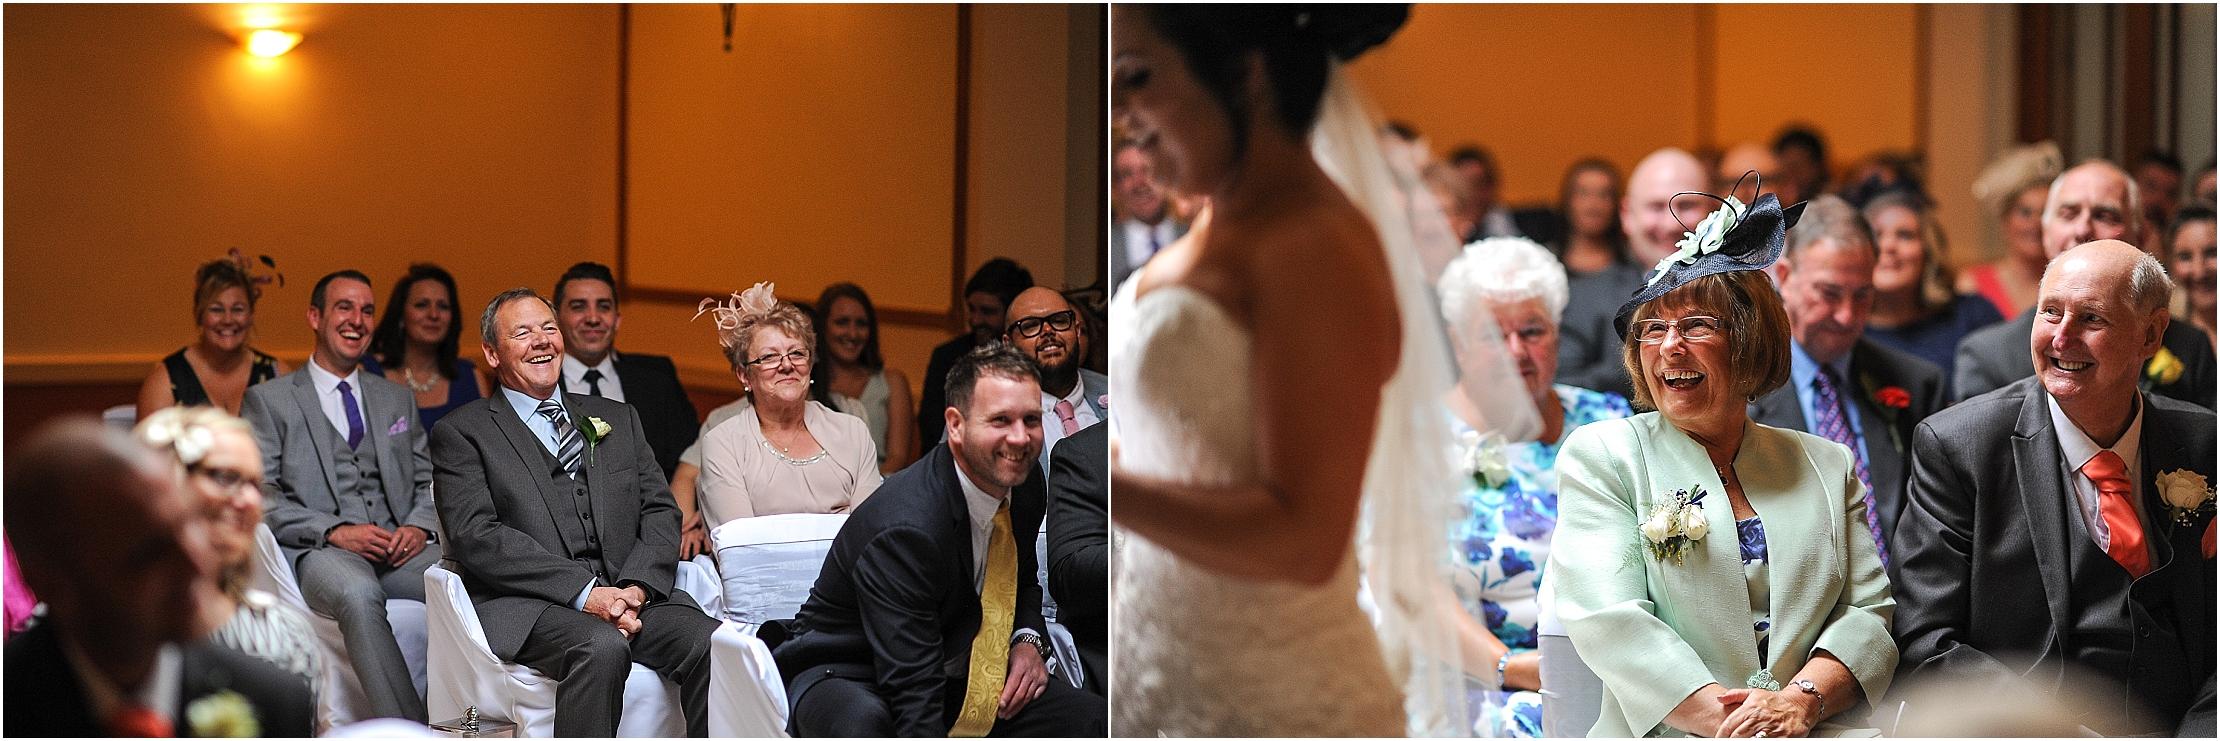 lakeside-hotel-lake-district-wedding - 039.jpg